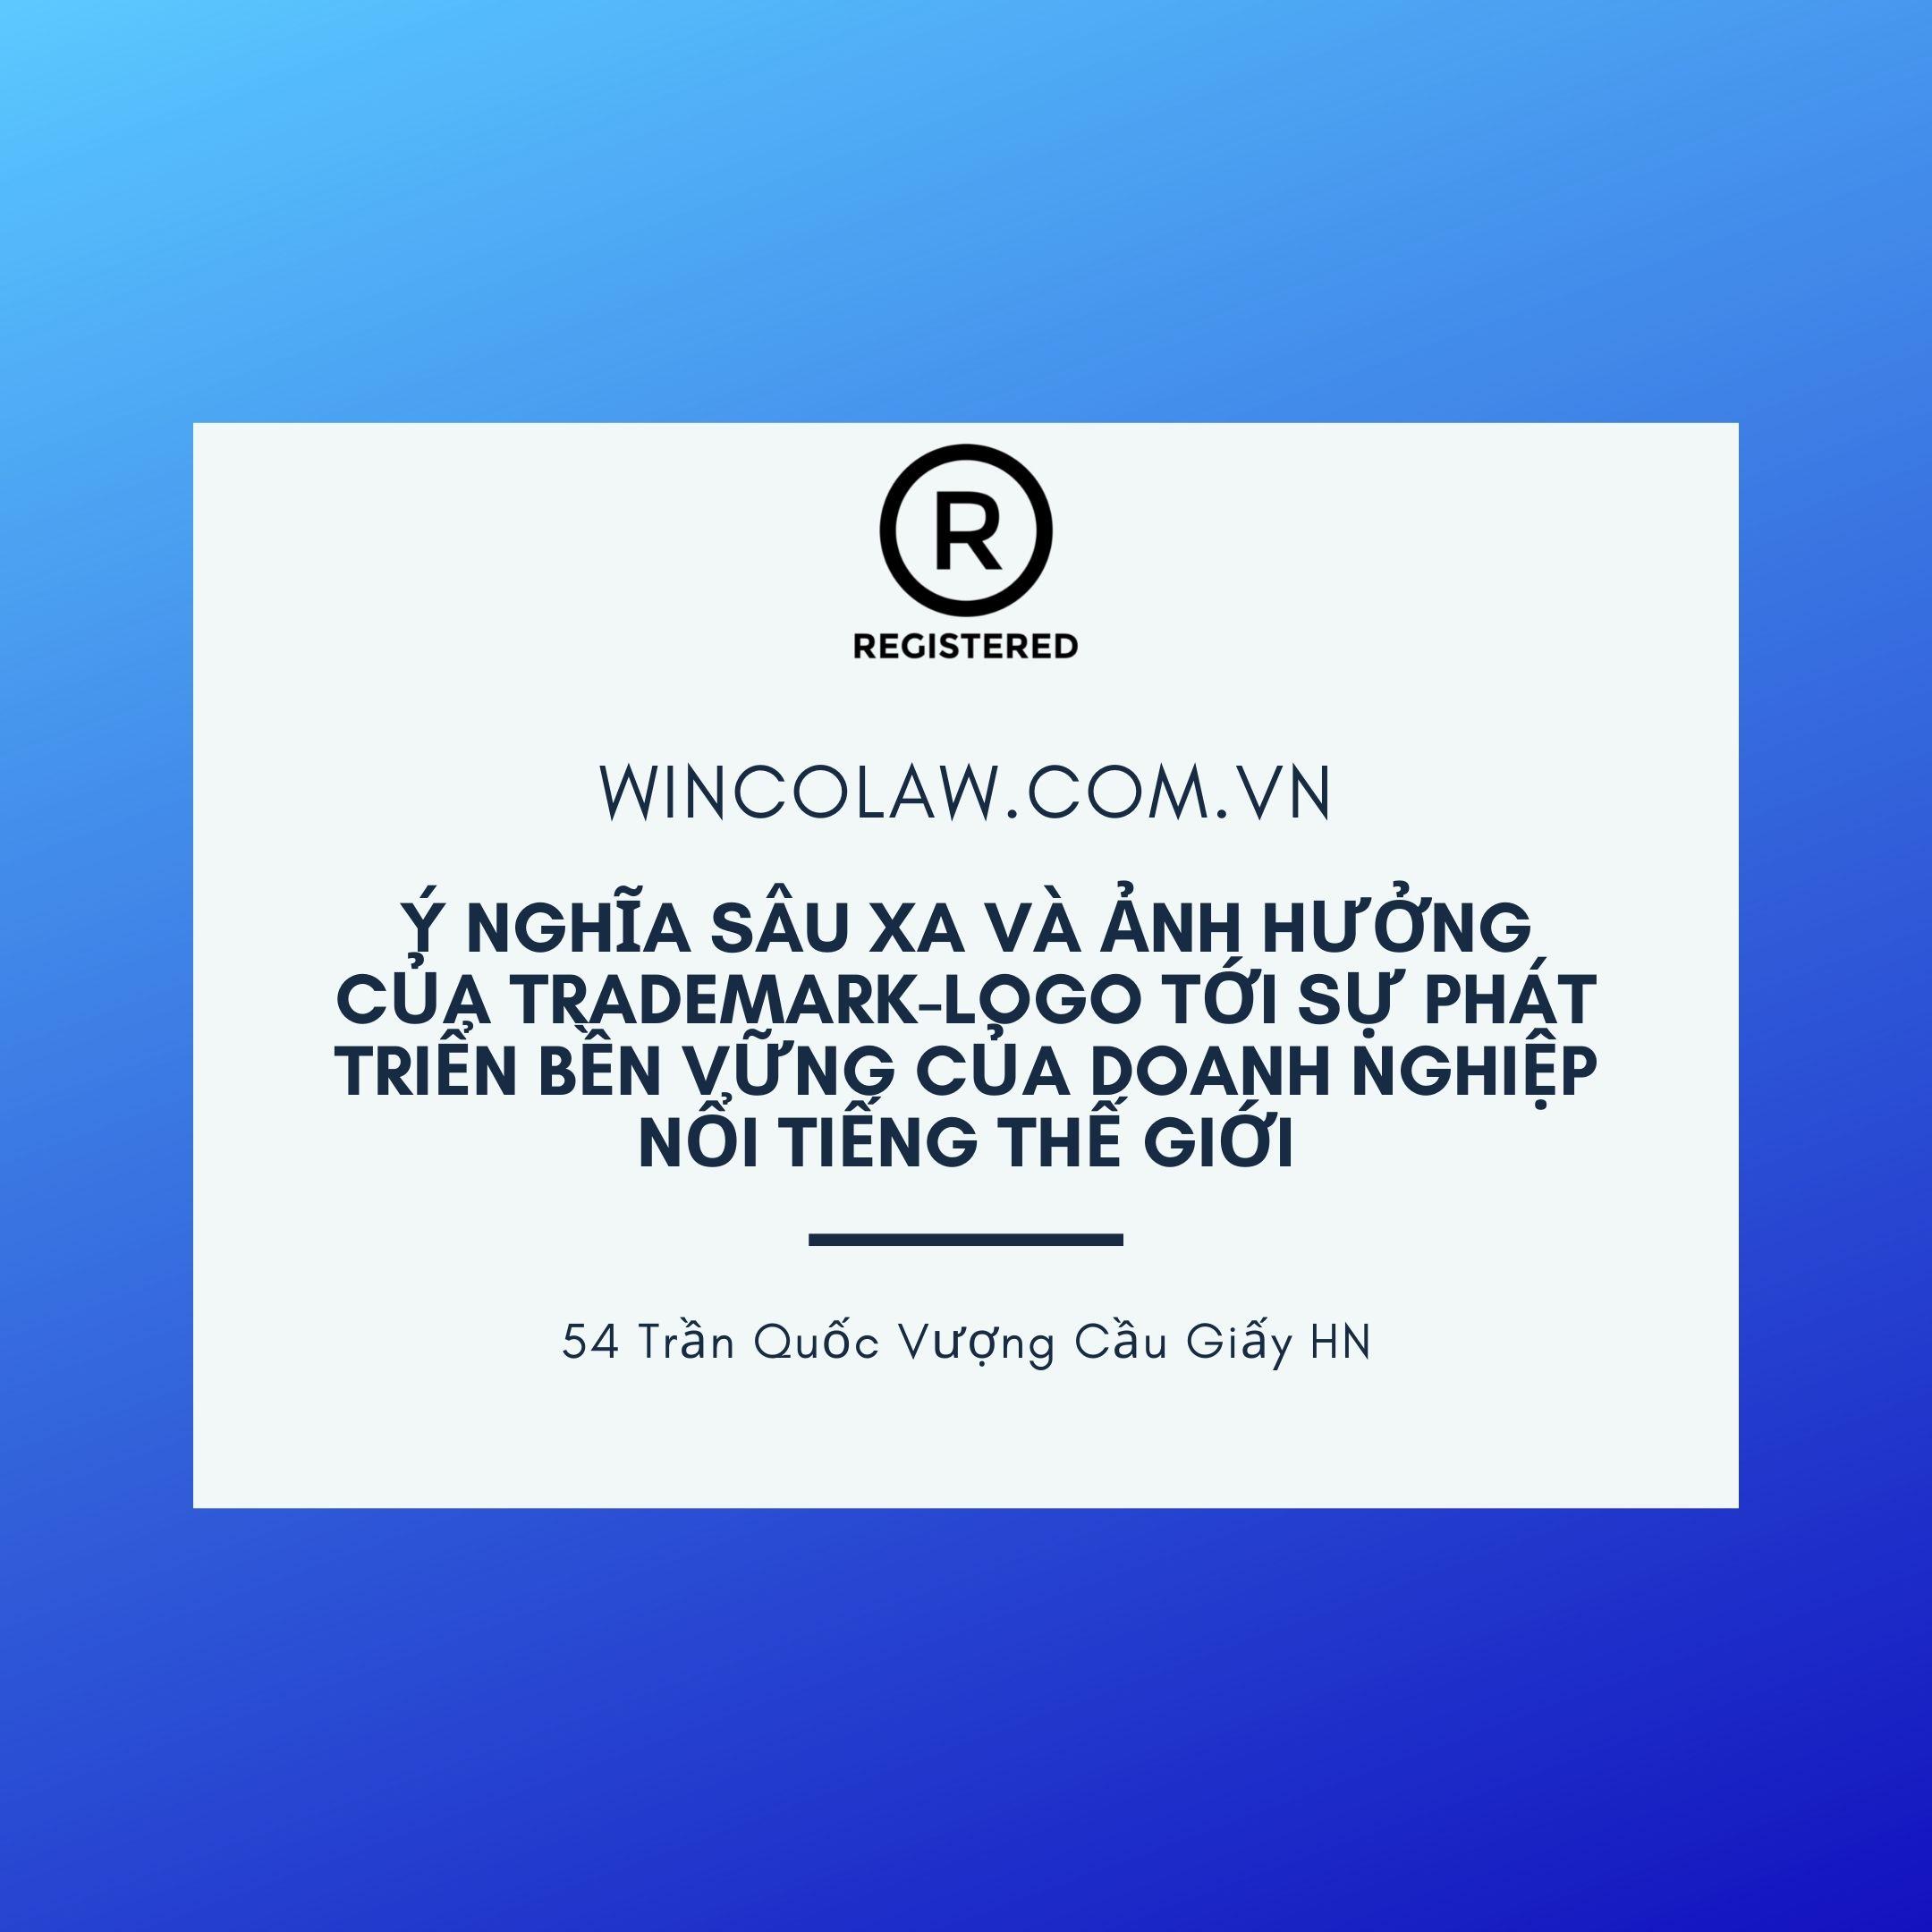 PHẦN 2: Ý NGHĨA SÂU XA VÀ ẢNH HƯỞNG CỦA TRADEMARK-LOGO TỚI SỰ PHÁT TRIỂN BỀN VỮNG CỦA DOANH NGHIỆP NỔI TIẾNG THẾ GIỚI.